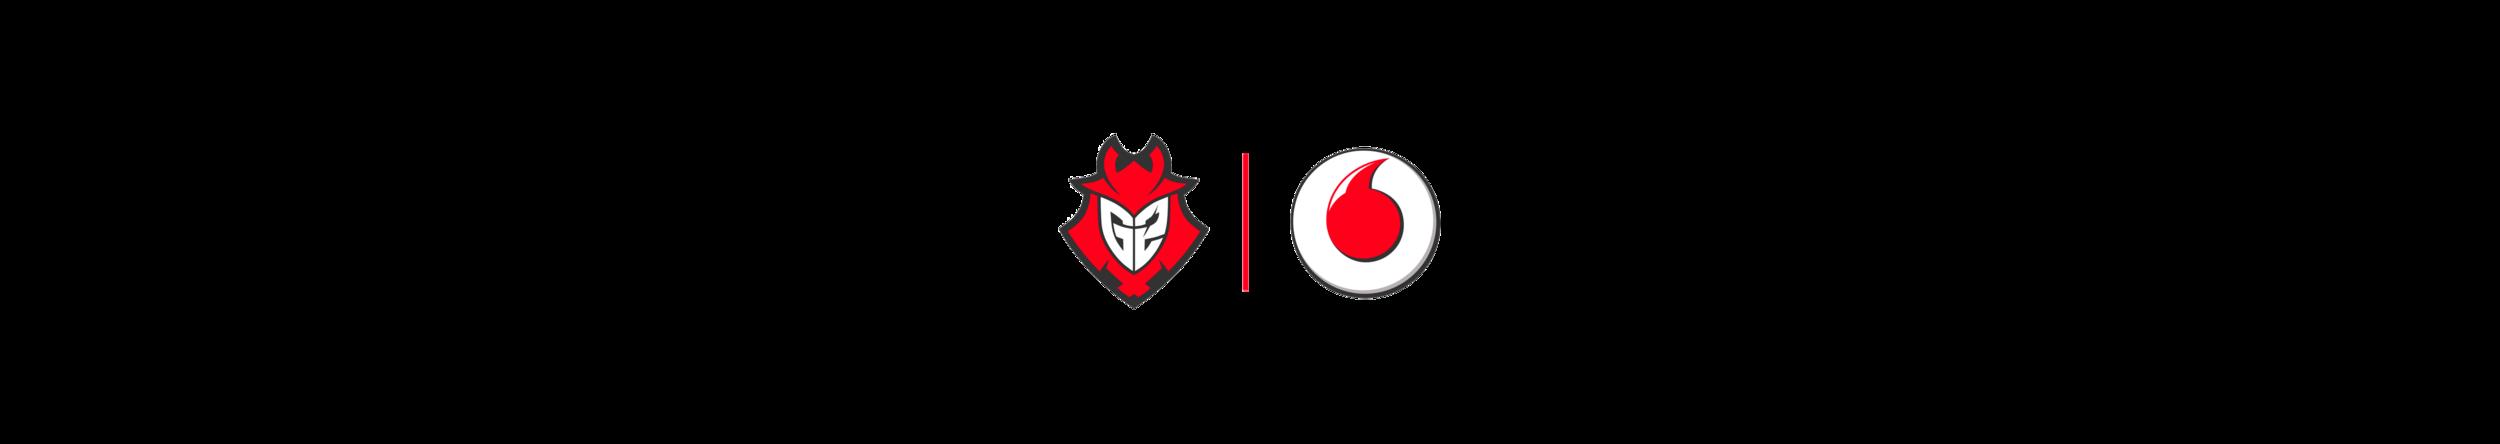 vodafone_Banner_logo_web.png